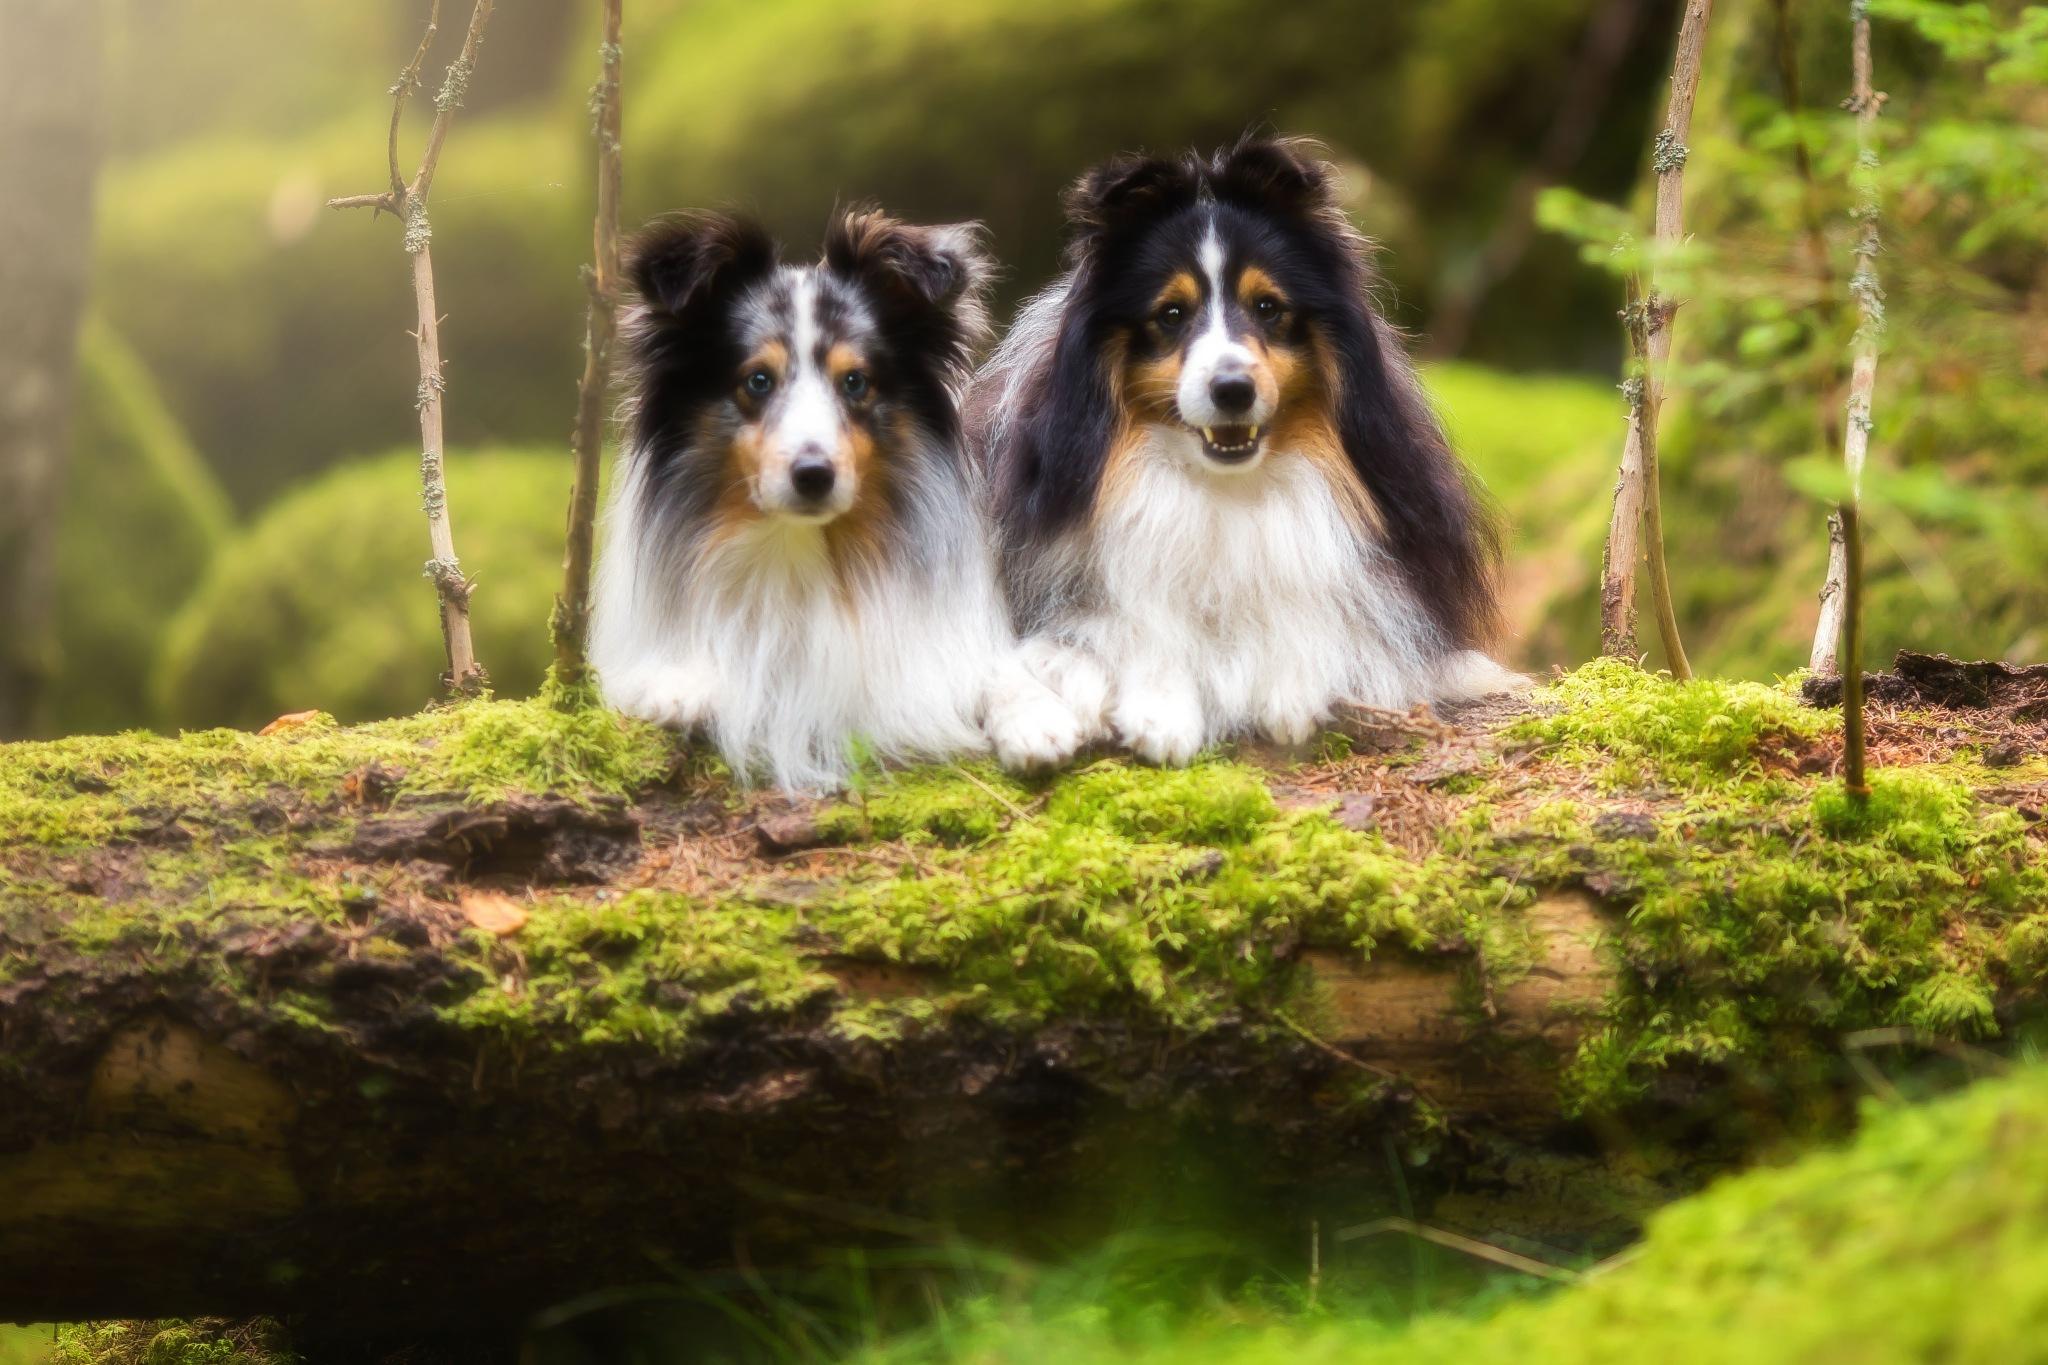 Doggies by idaeliasson88